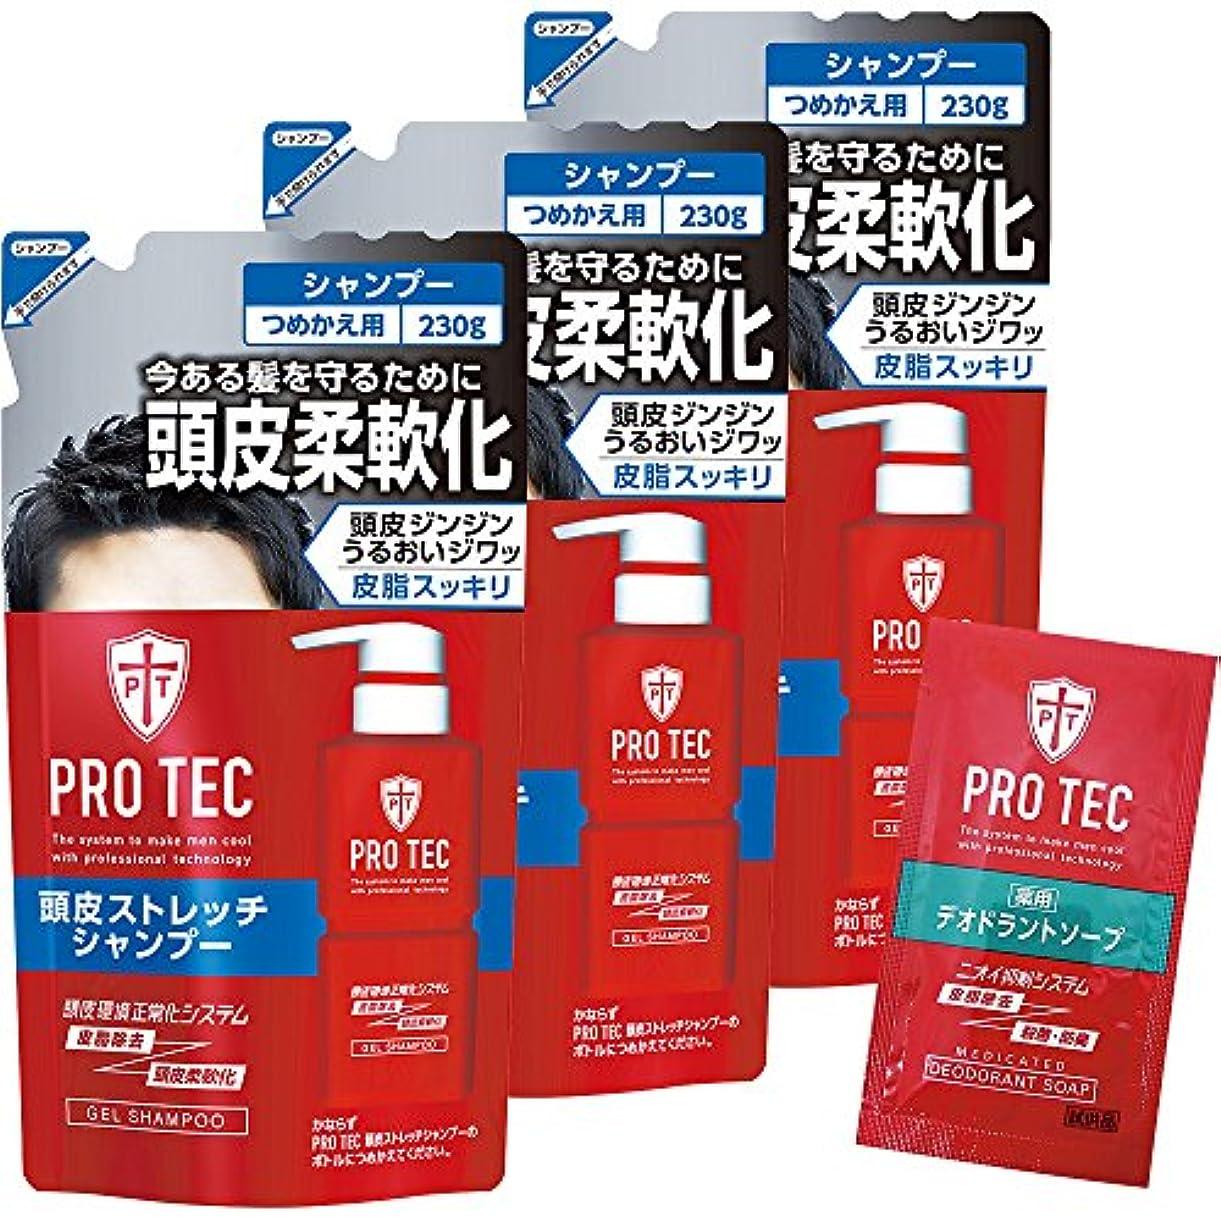 じゃがいも冒険者ソビエト【Amazon.co.jp限定】PRO TEC(プロテク) 頭皮ストレッチ シャンプー 詰め替え 230g×3個パック+デオドラントソープ1回分付(医薬部外品)